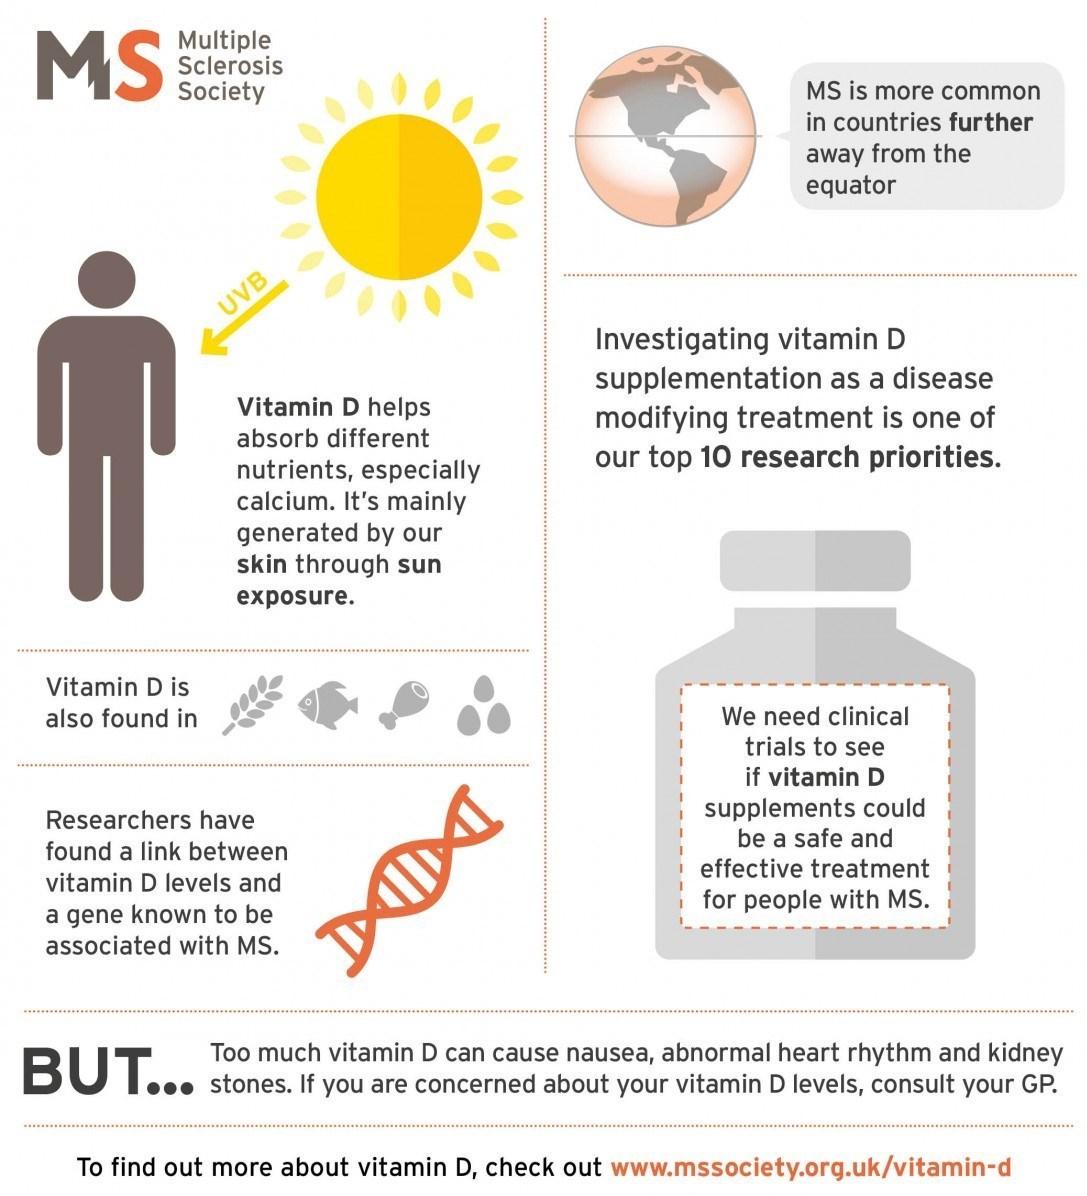 کمبود این ویتامین موجب ابتلا نوزادان به  «ام اس» می شود